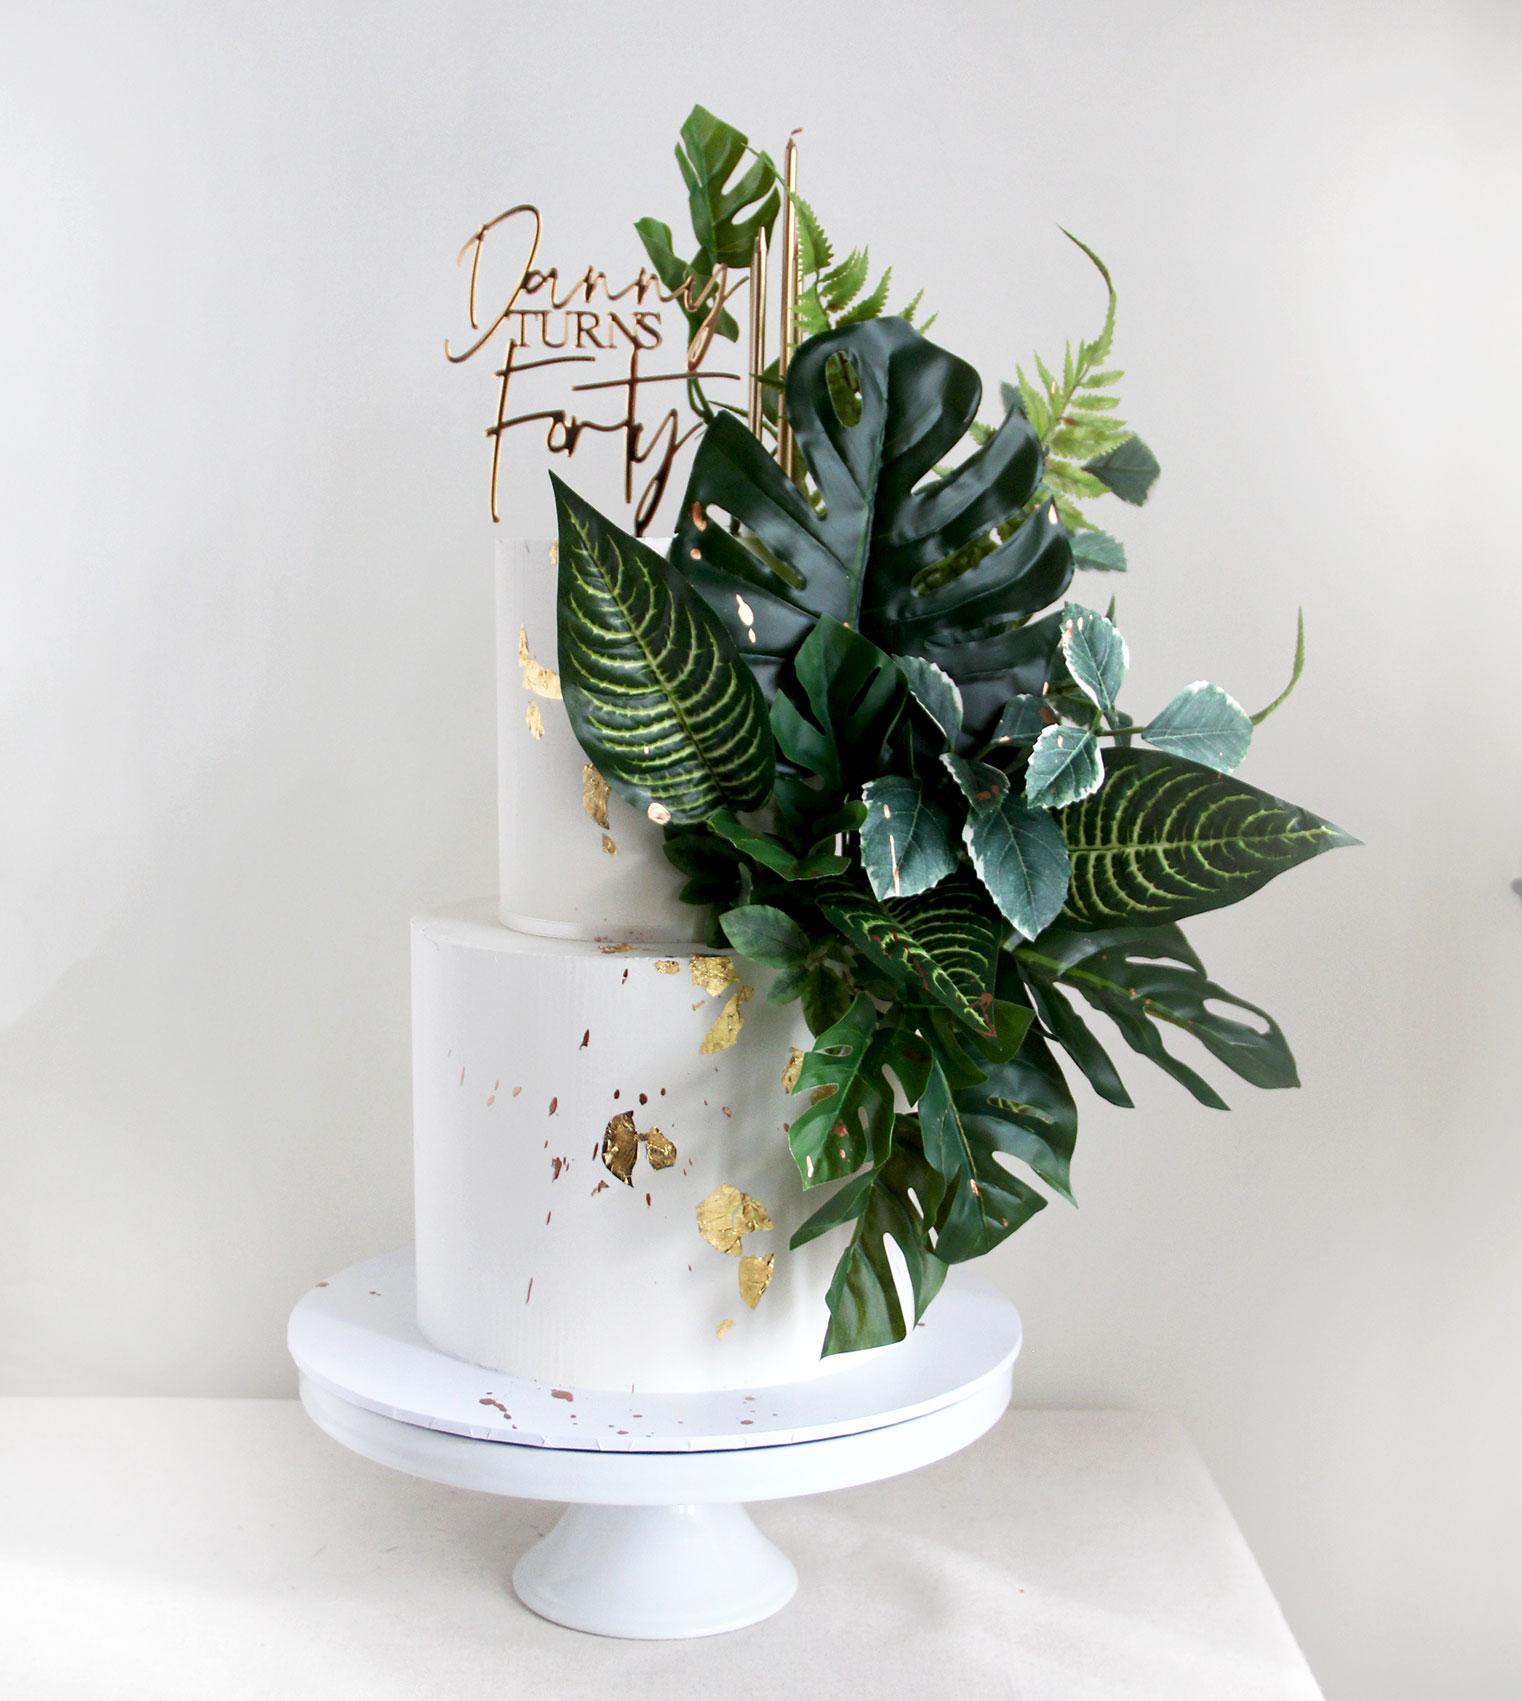 2 Tier Oversized Foliage Celebration Cake